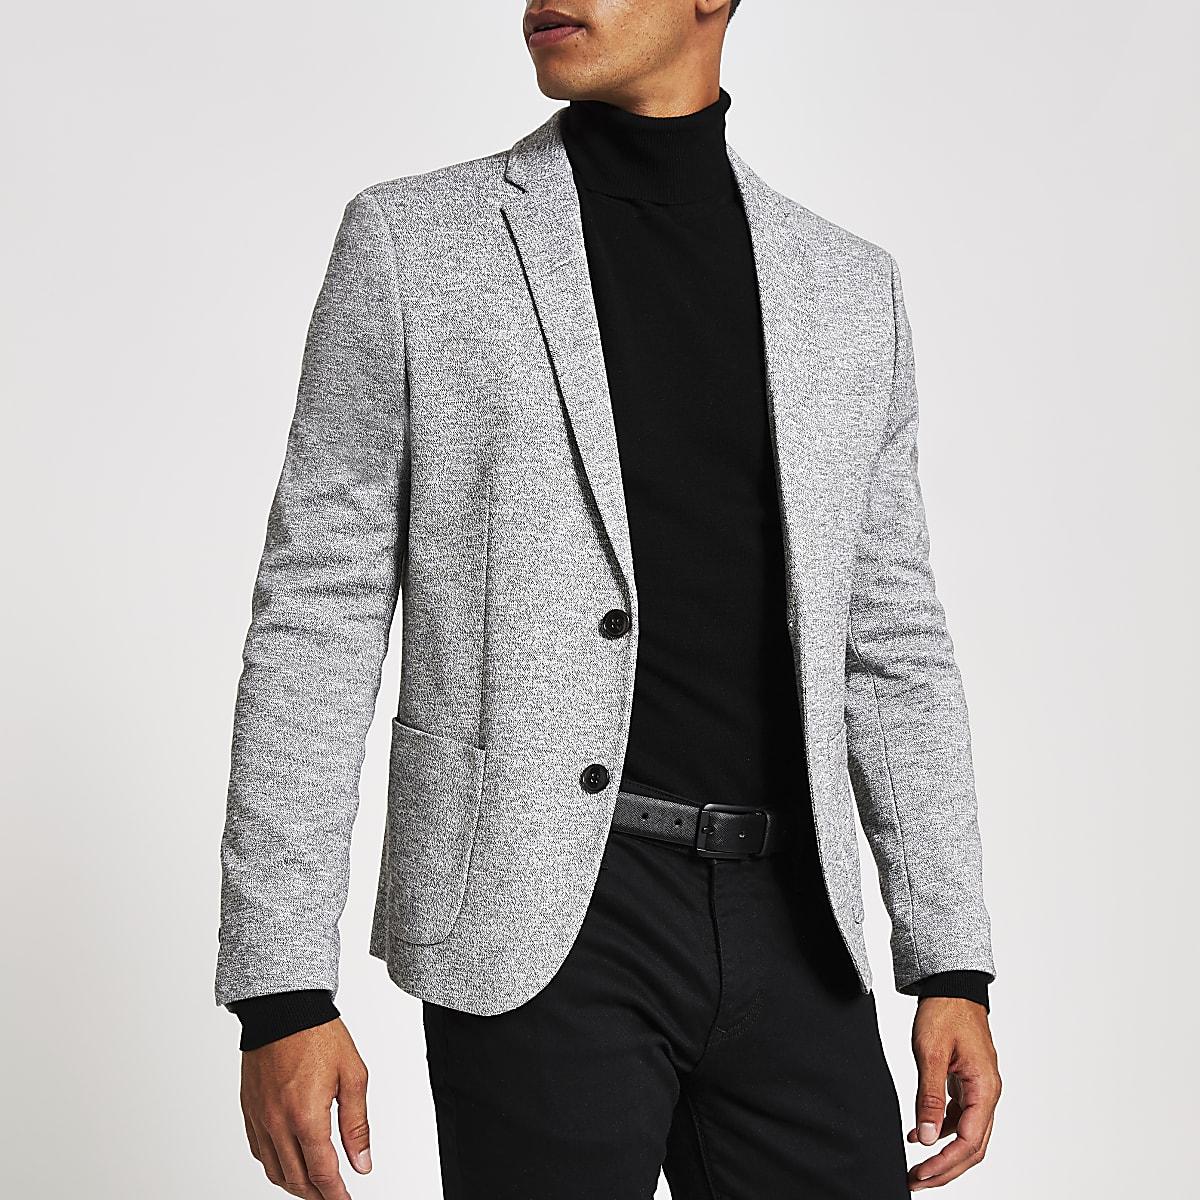 b5923e6197dad Light grey jersey skinny fit blazer